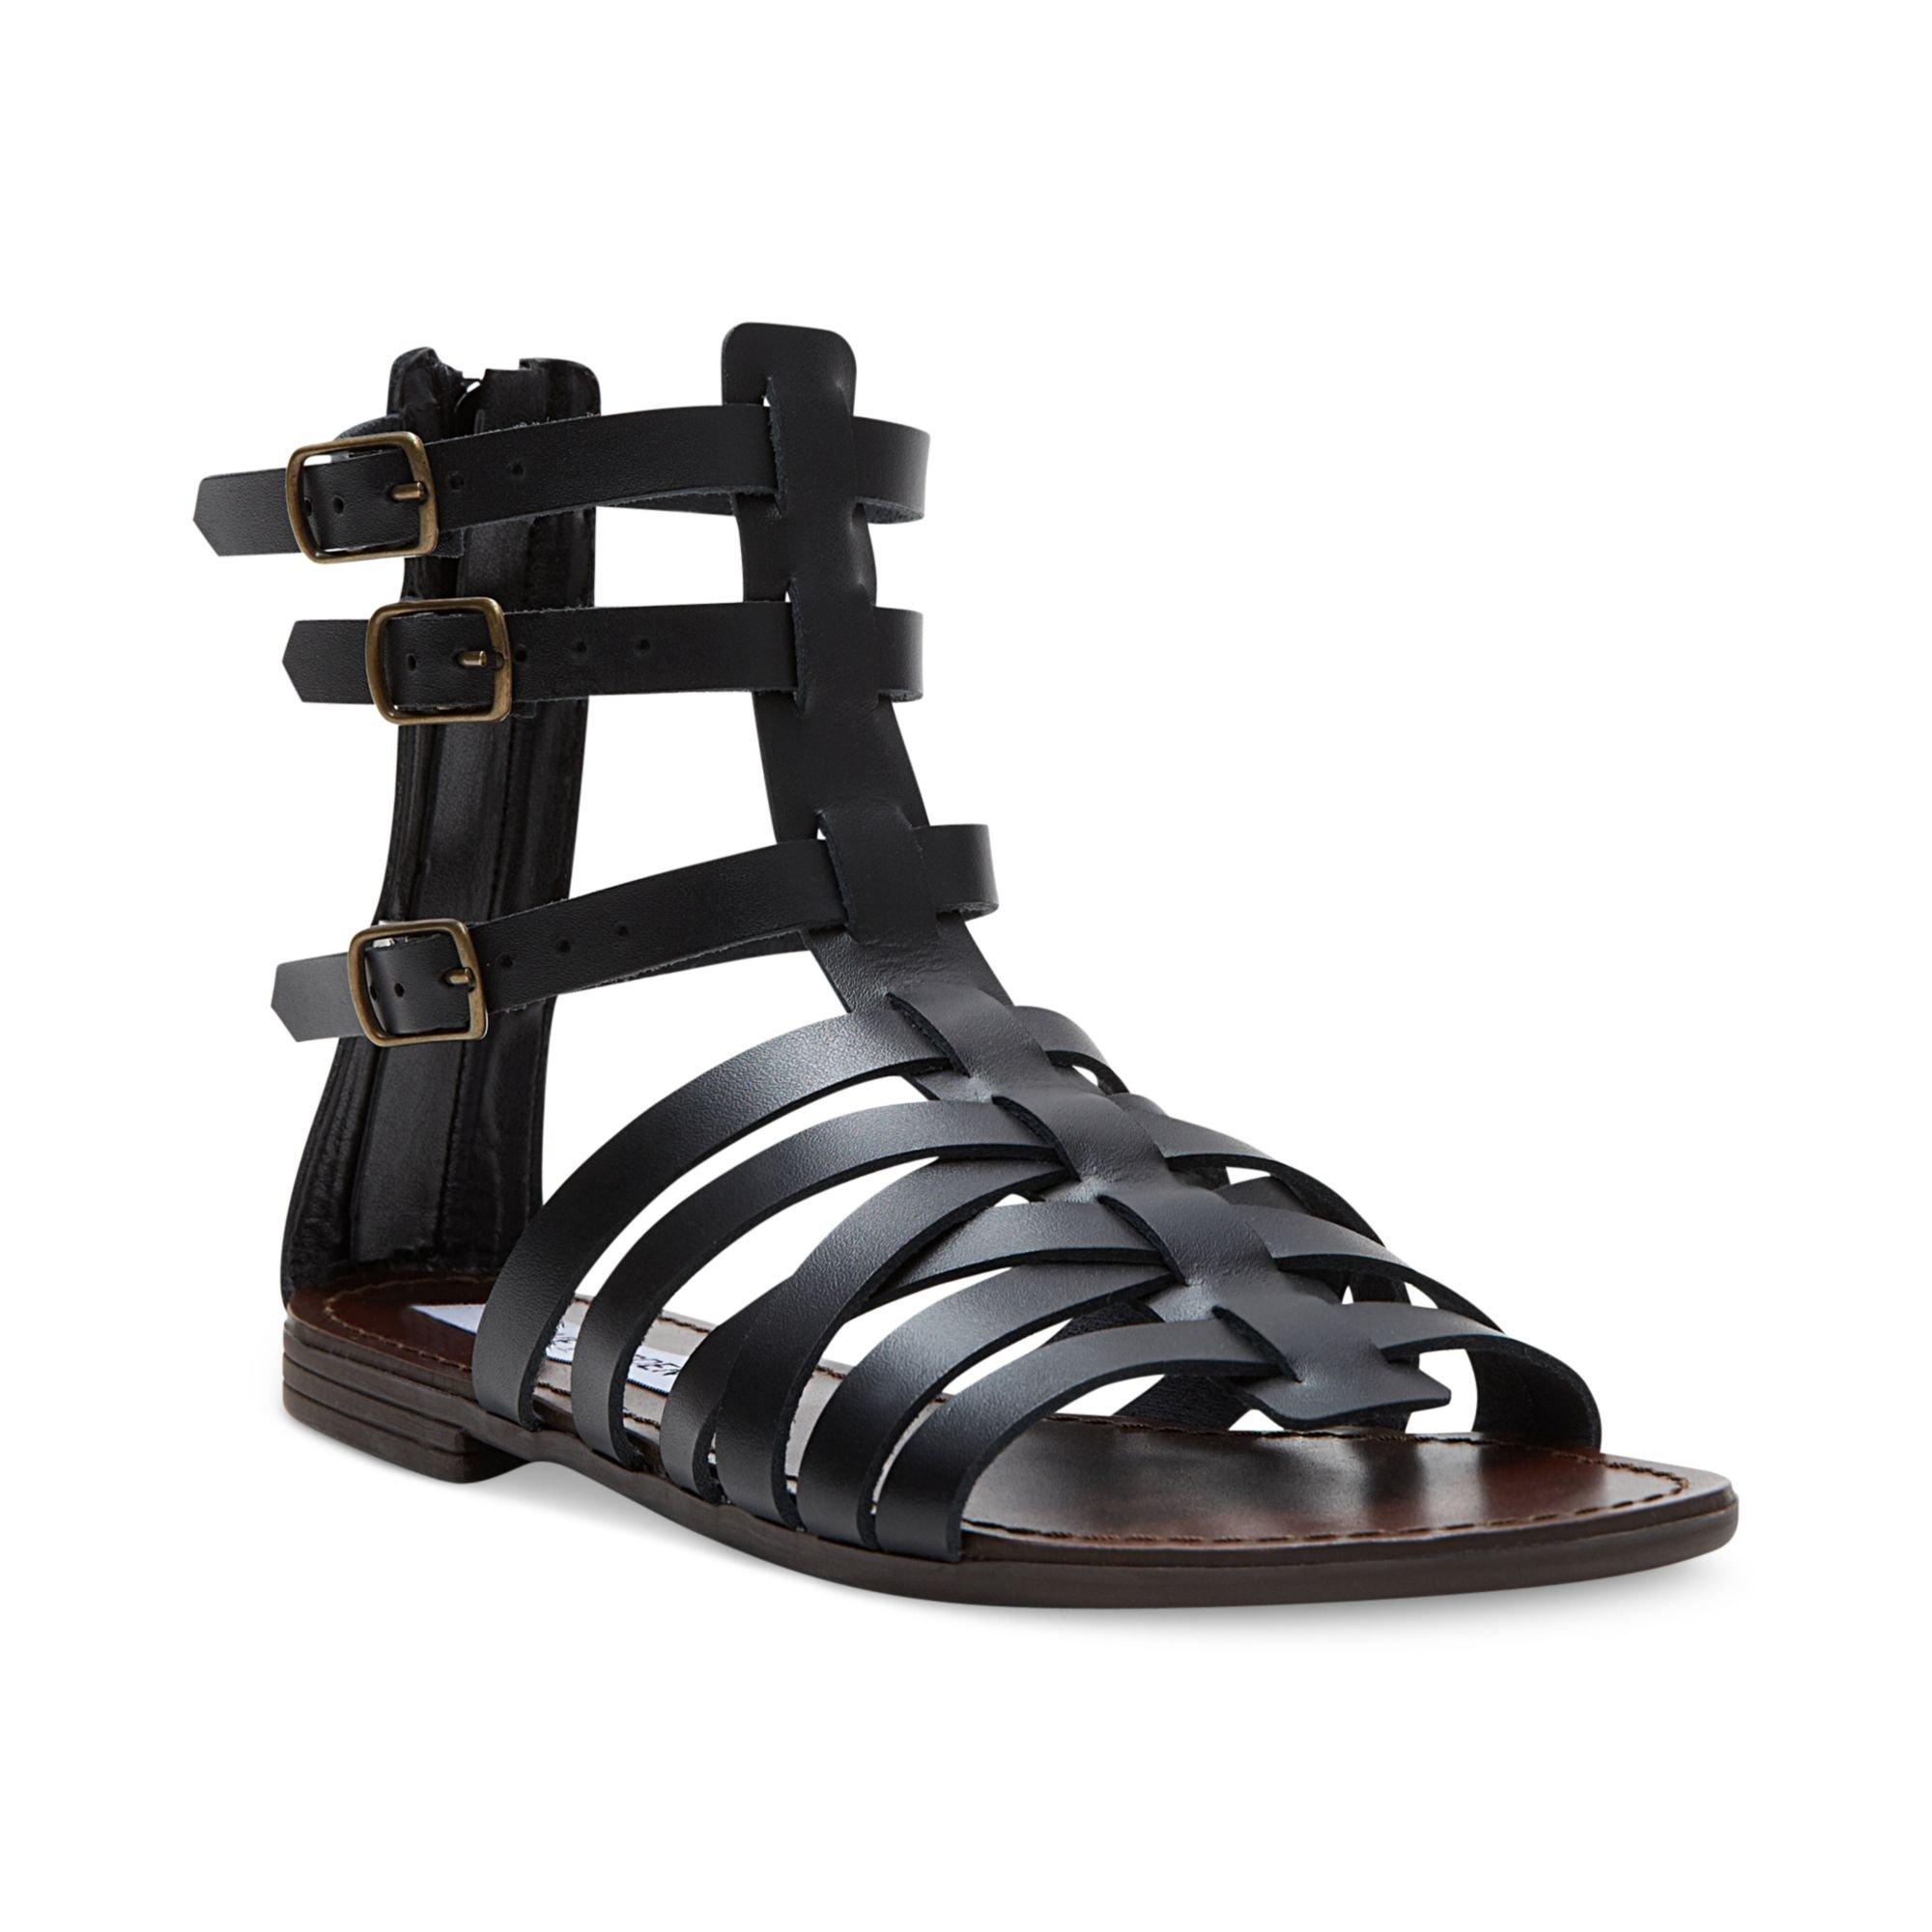 steve madden plato flat gladiator sandals in black lyst. Black Bedroom Furniture Sets. Home Design Ideas